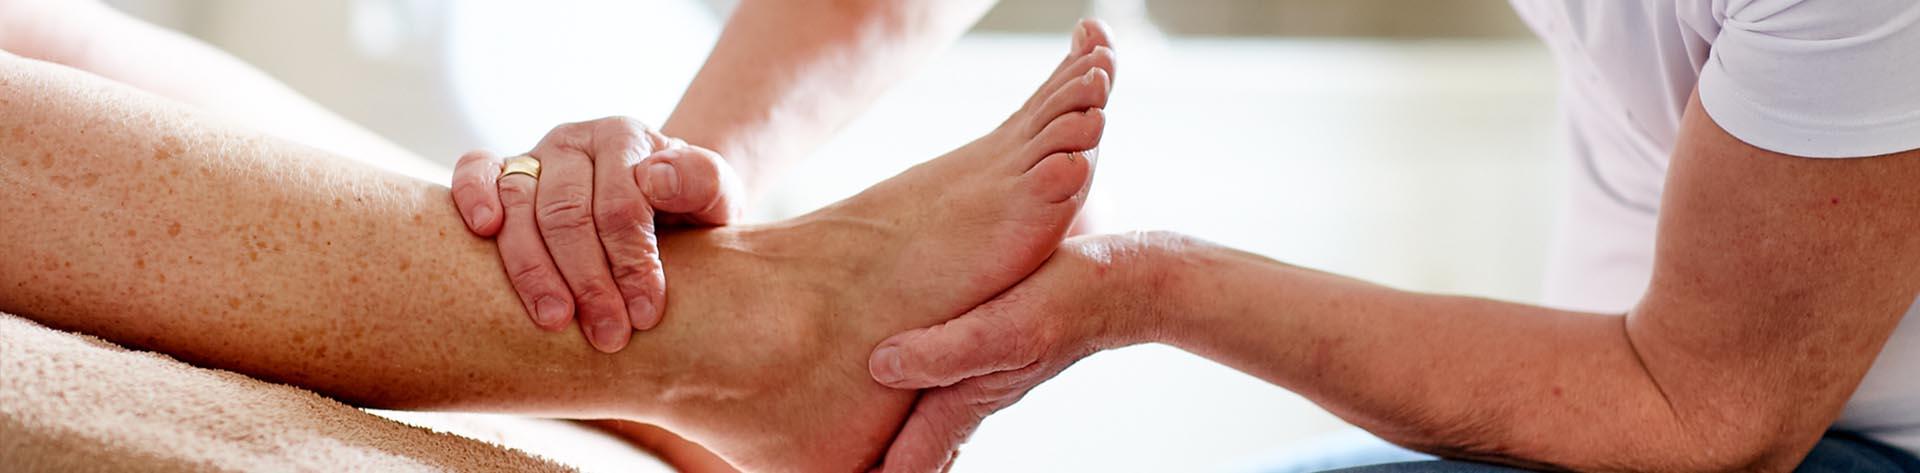 Boka din massage i Järvsö här